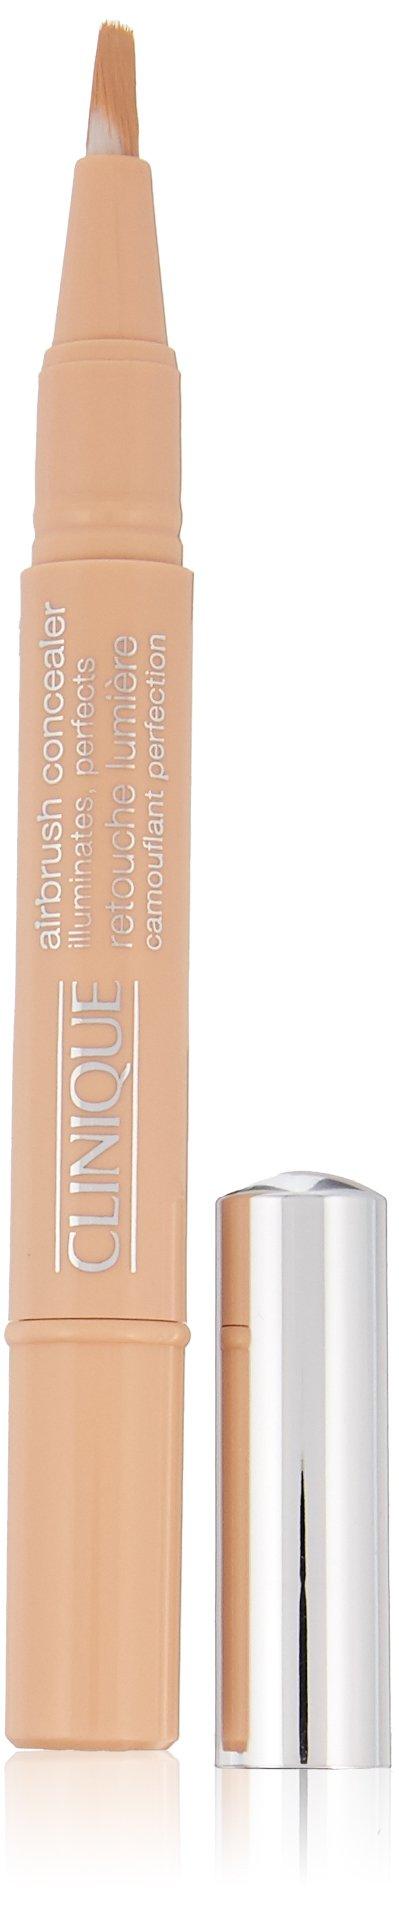 Clinique Airbrush Concealer, No. 04 Neutral Fair, 0.05 Ounce